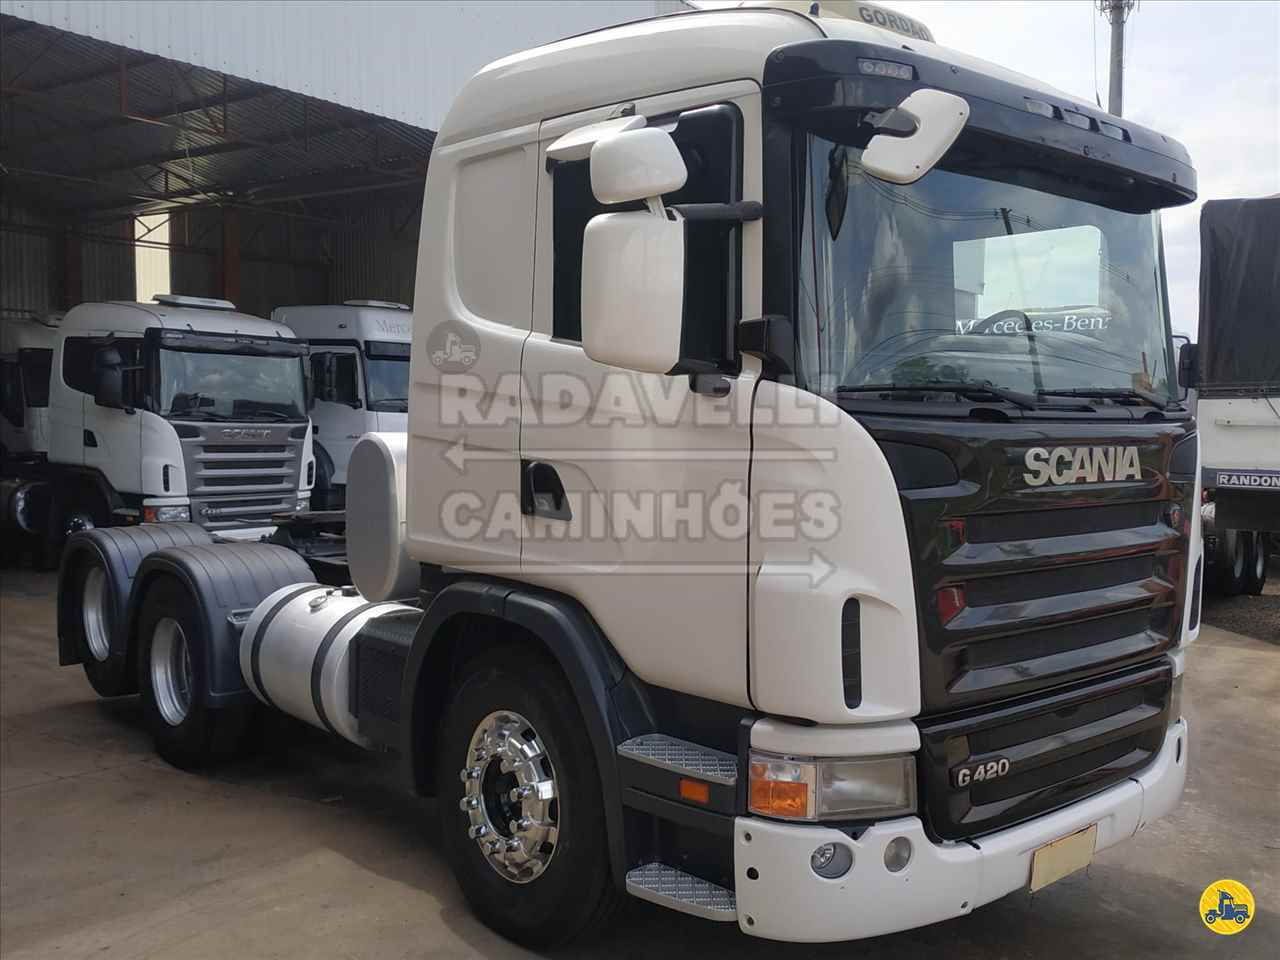 CAMINHAO SCANIA SCANIA 420 Cavalo Mecânico Truck 6x2 Radavelli Caminhões MATAO SÃO PAULO SP